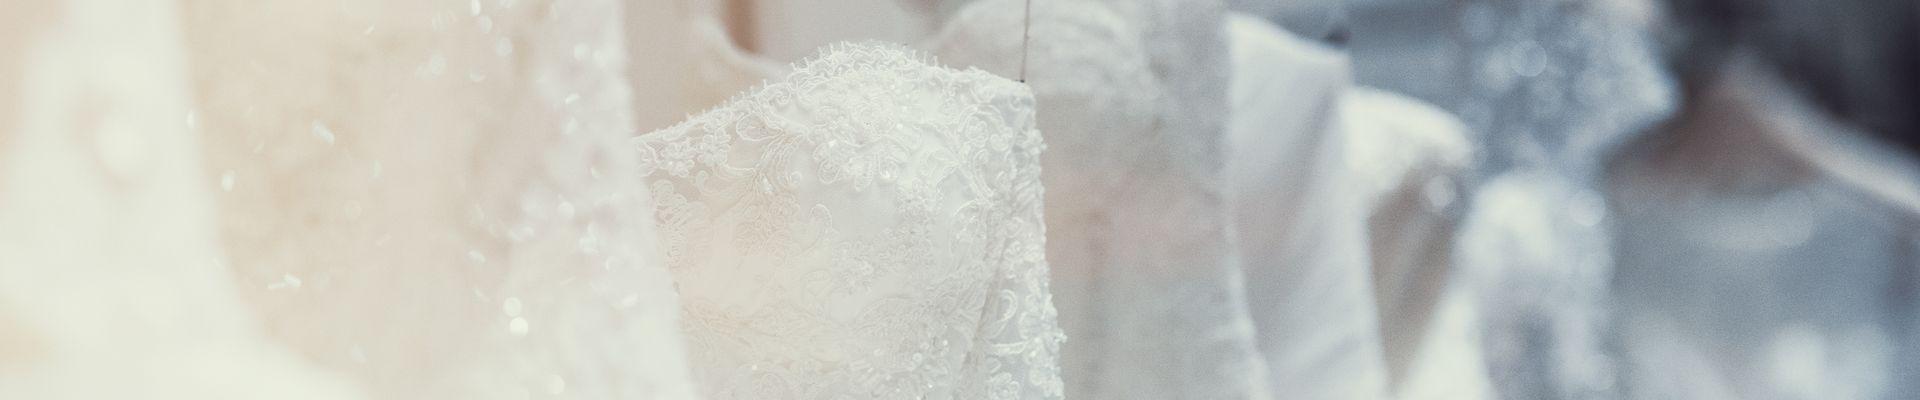 Hochzeitsausstatter, Brautmodensalon, Brautkleidsalon, Brautkleidladen